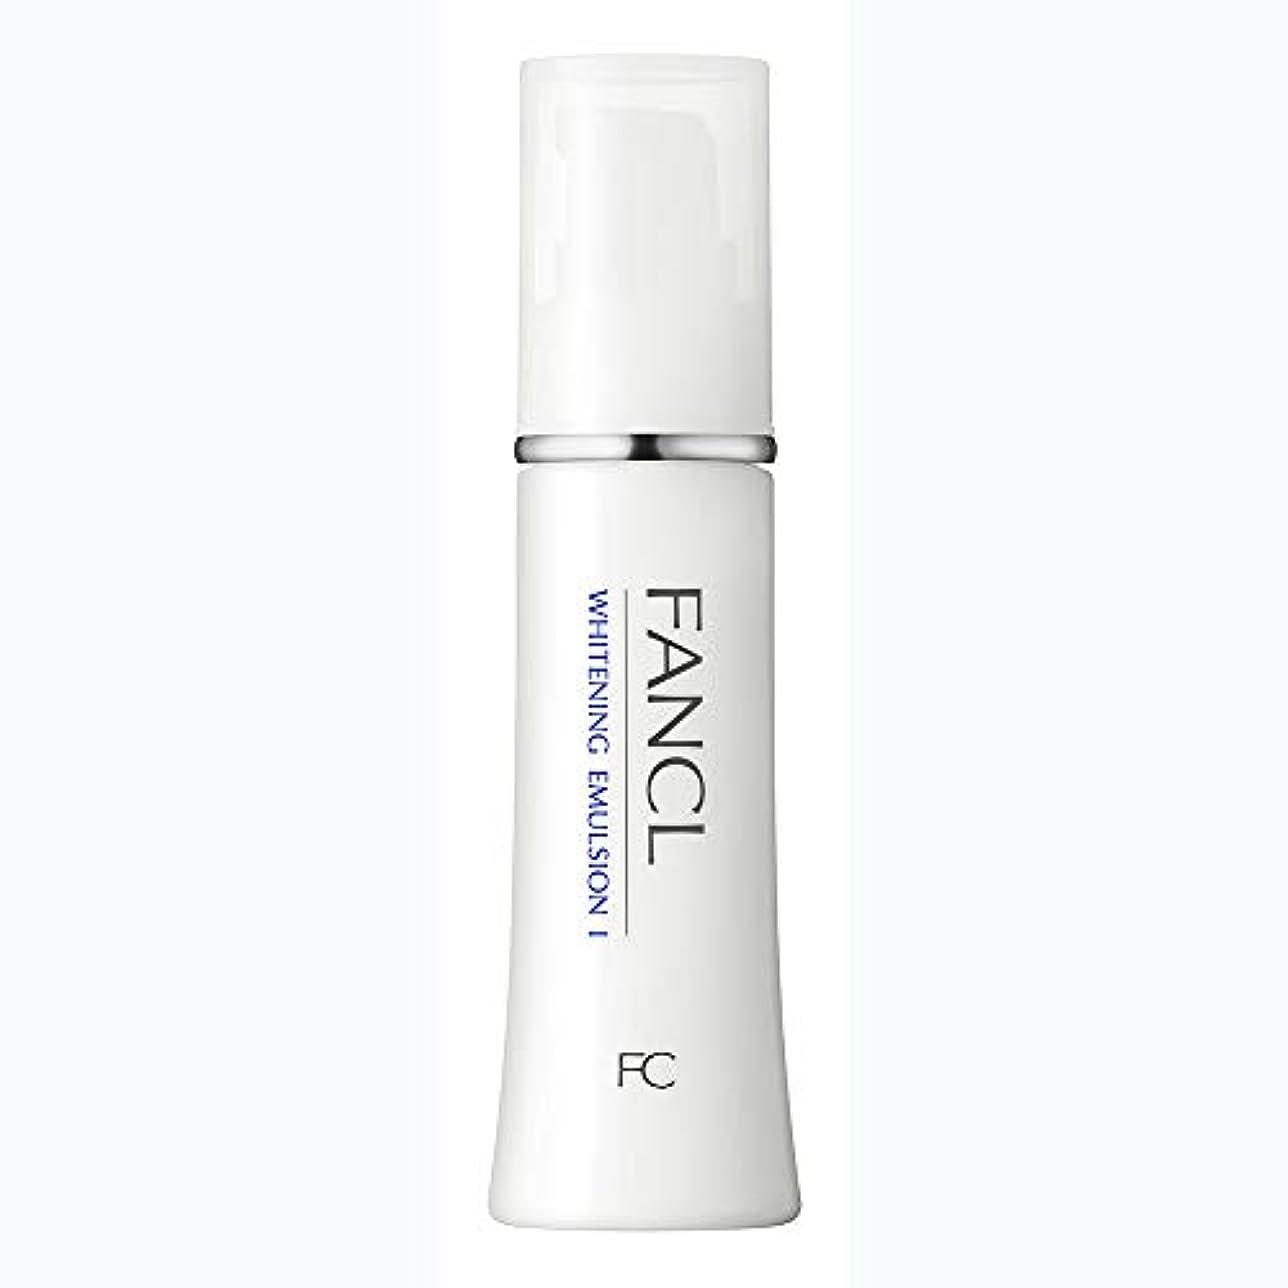 整然とした出発するダンスファンケル(FANCL) 新ホワイトニング 乳液 I さっぱり 1本 30mL<医薬部外品>